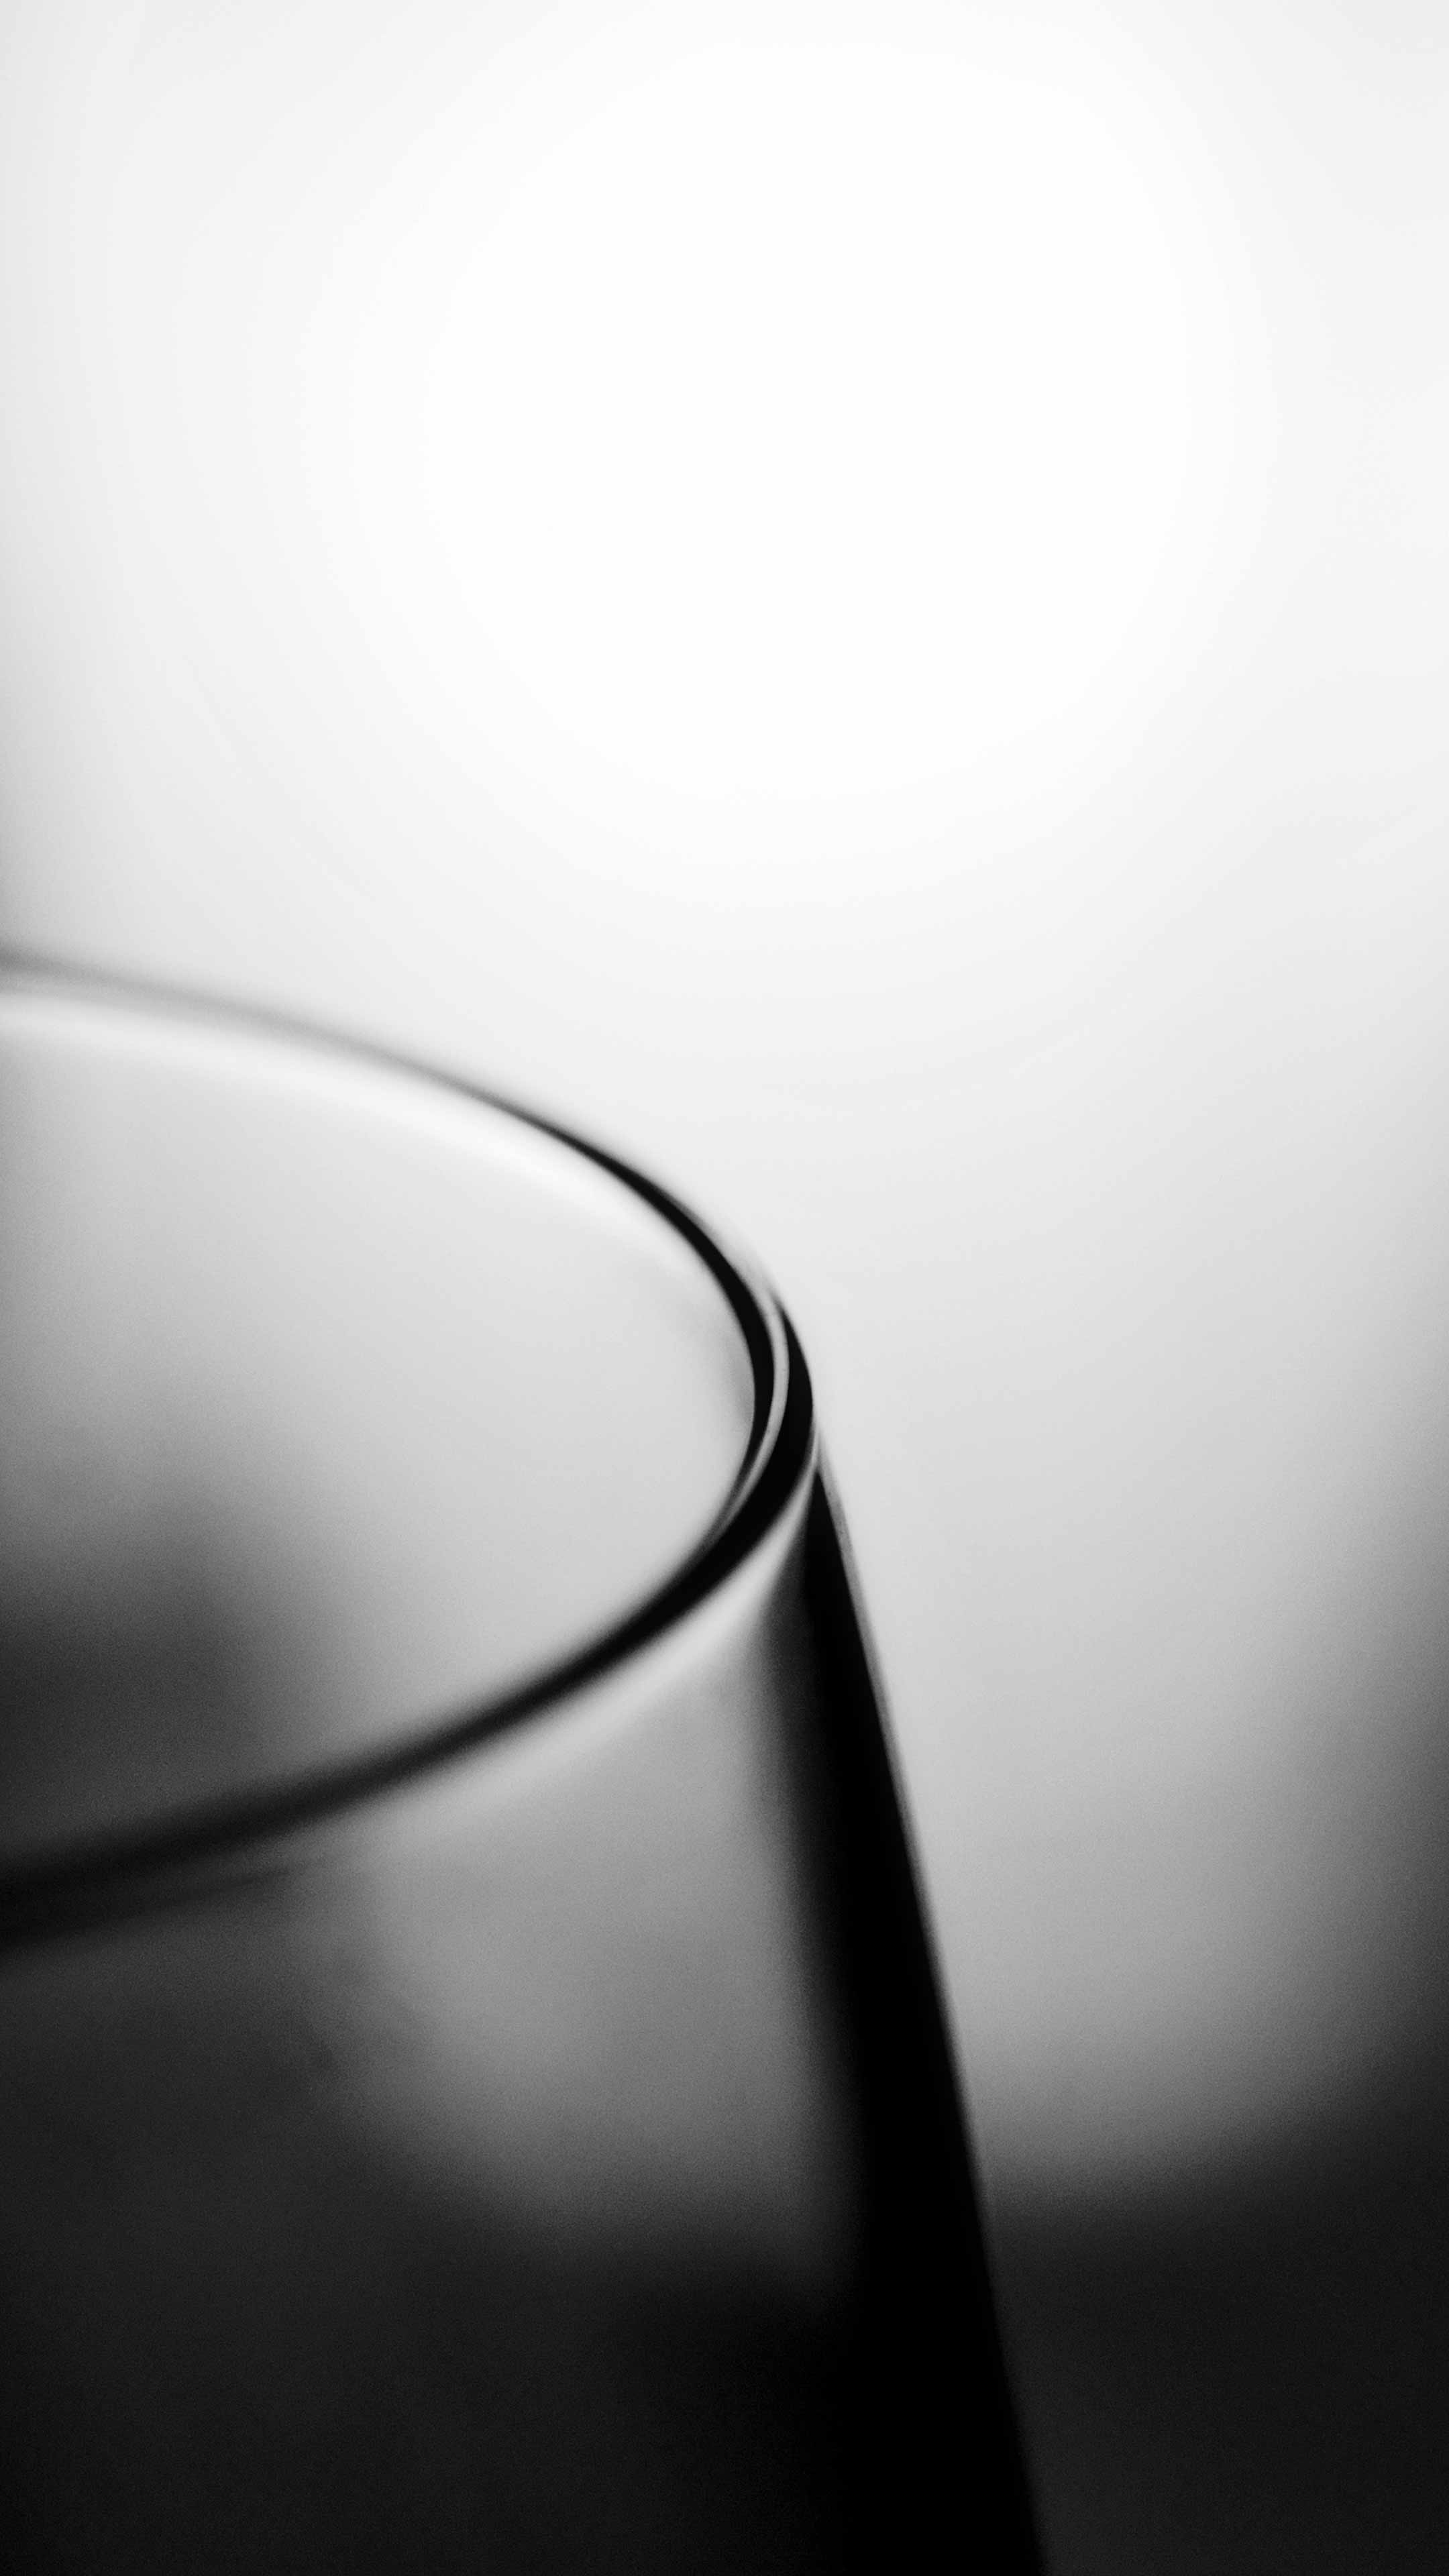 Wine Glass Mobile Wallpaper Miniwallist